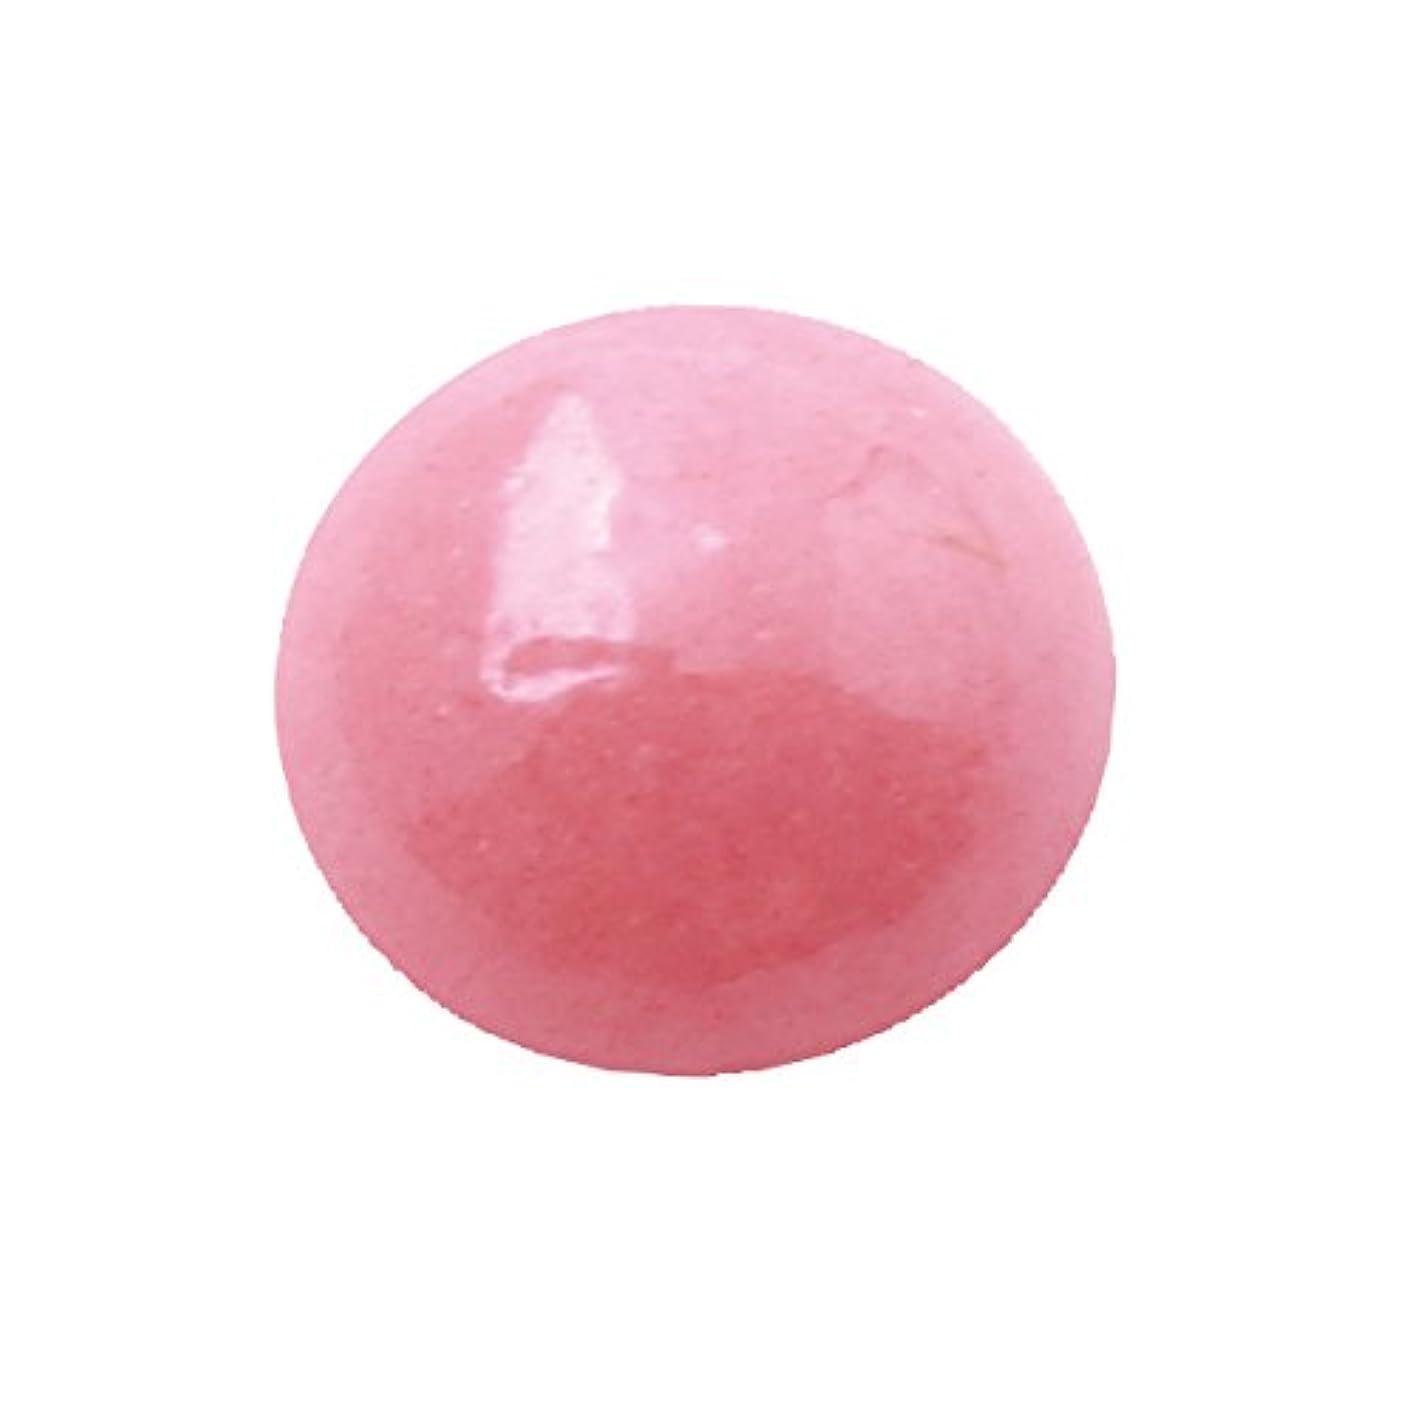 問題懺悔合併グラスパールラウンド 2mm(各50個)(ストーン ネイルアート ネイル用品)ピンク